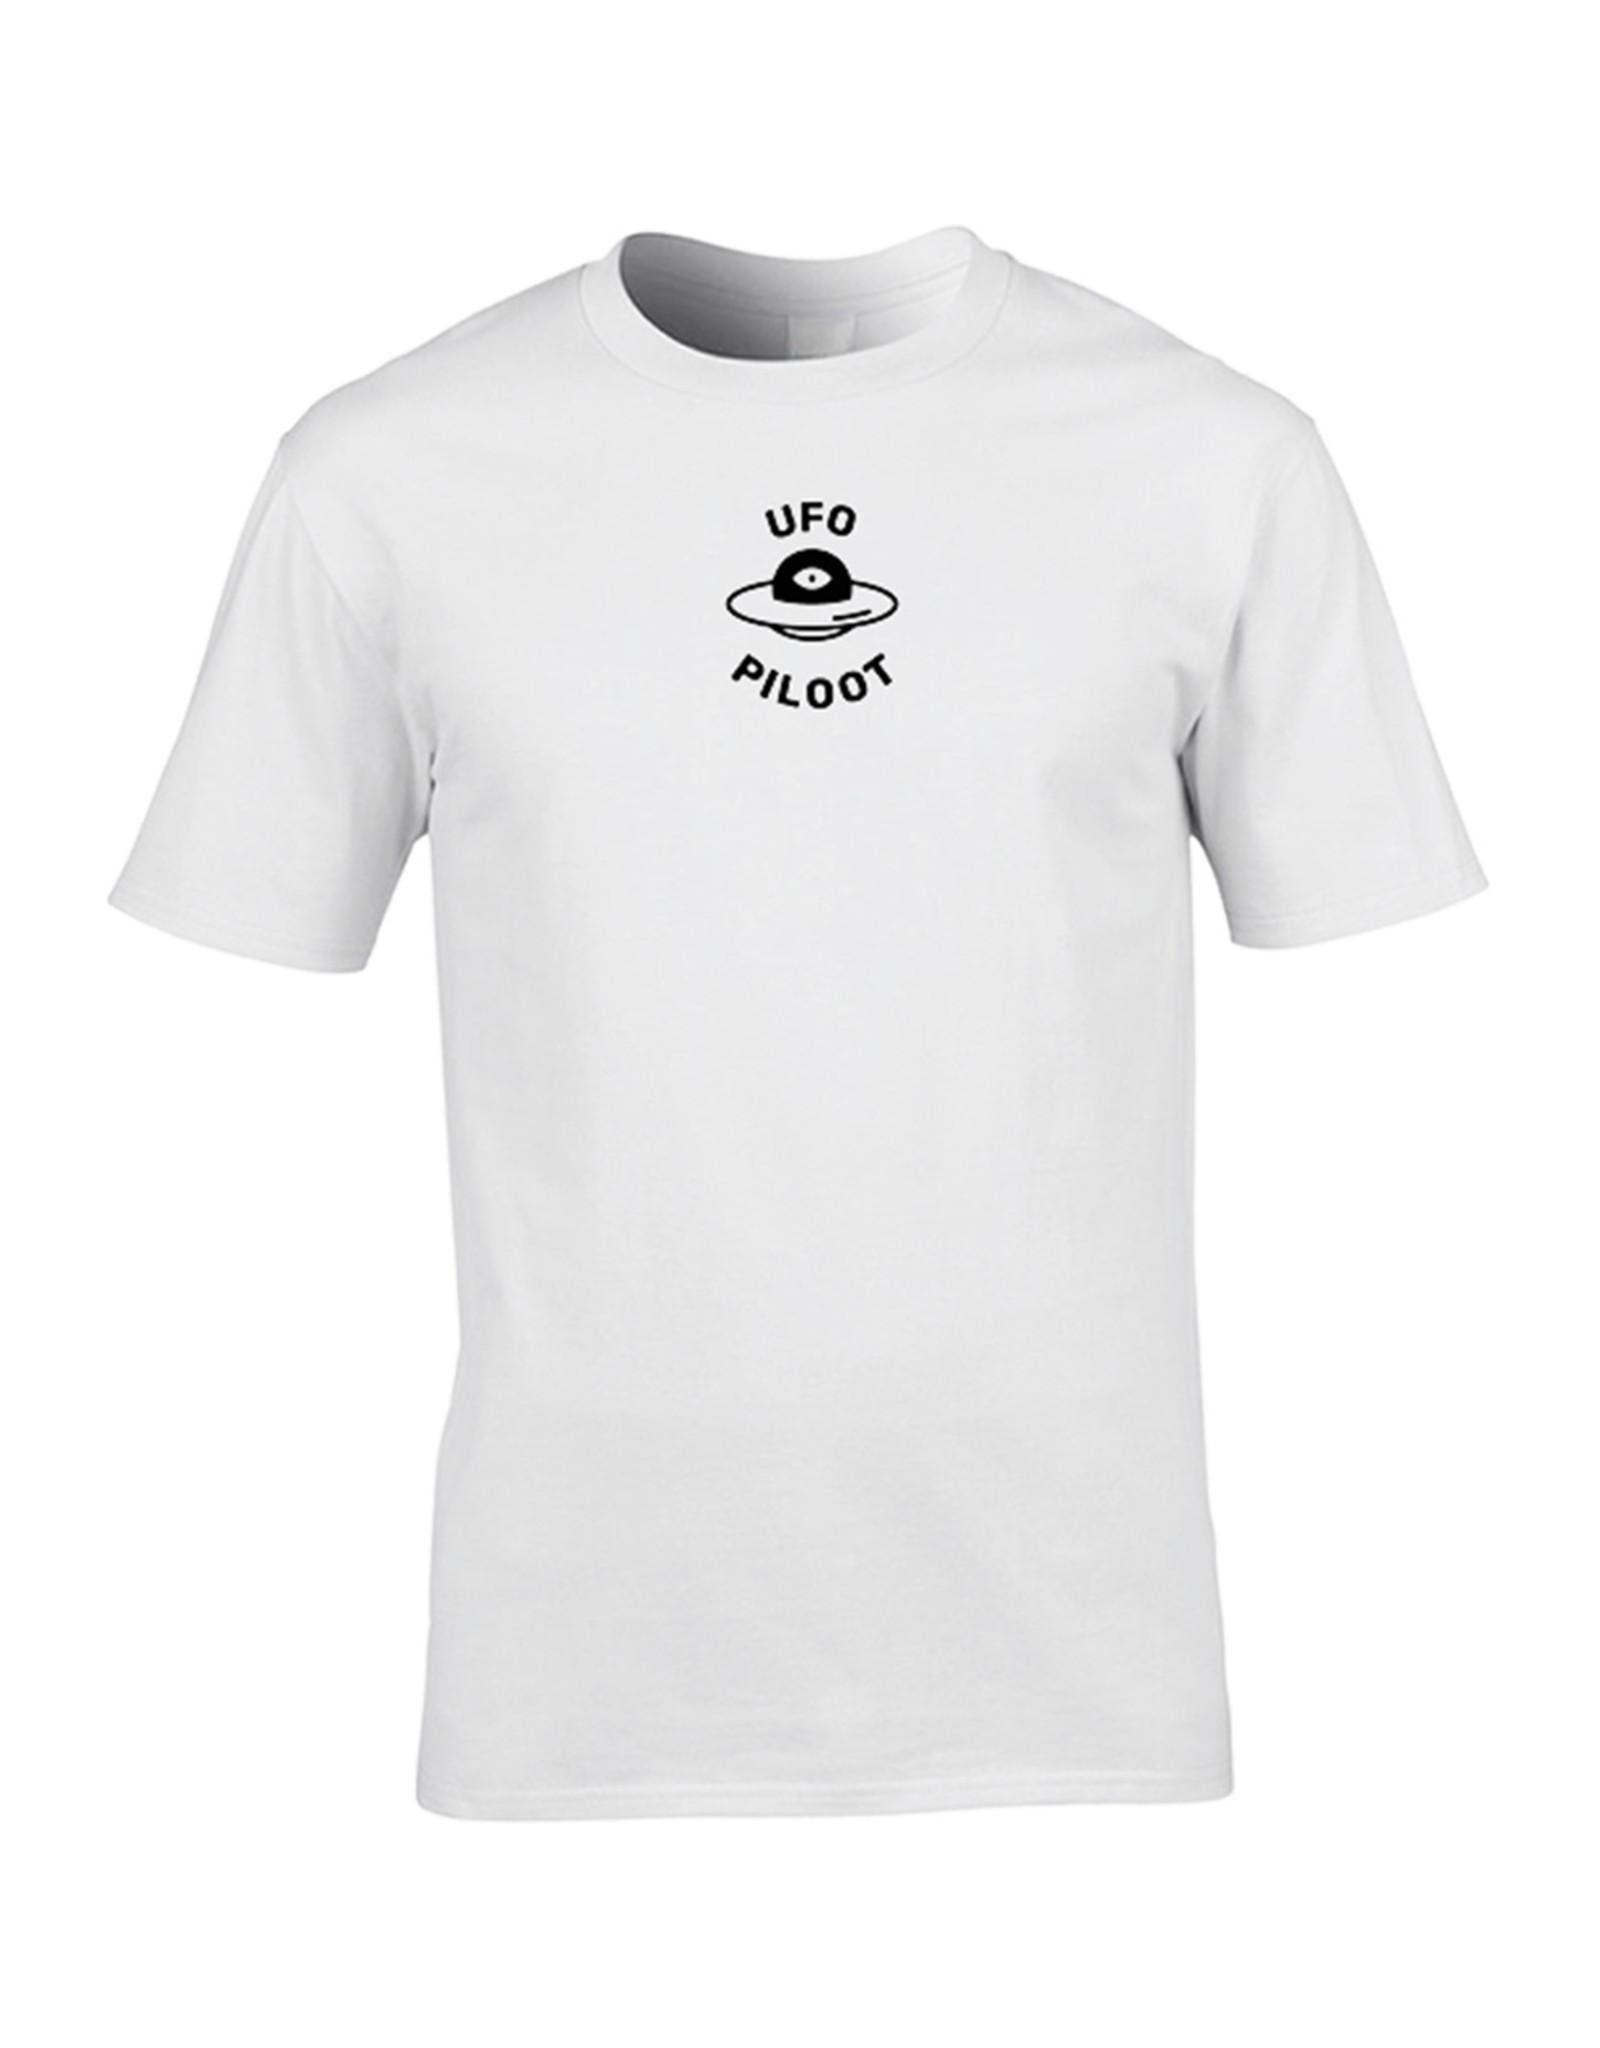 Festicap T-Shirt UFO Piloot | Zacht katoen | Hand gemaakt